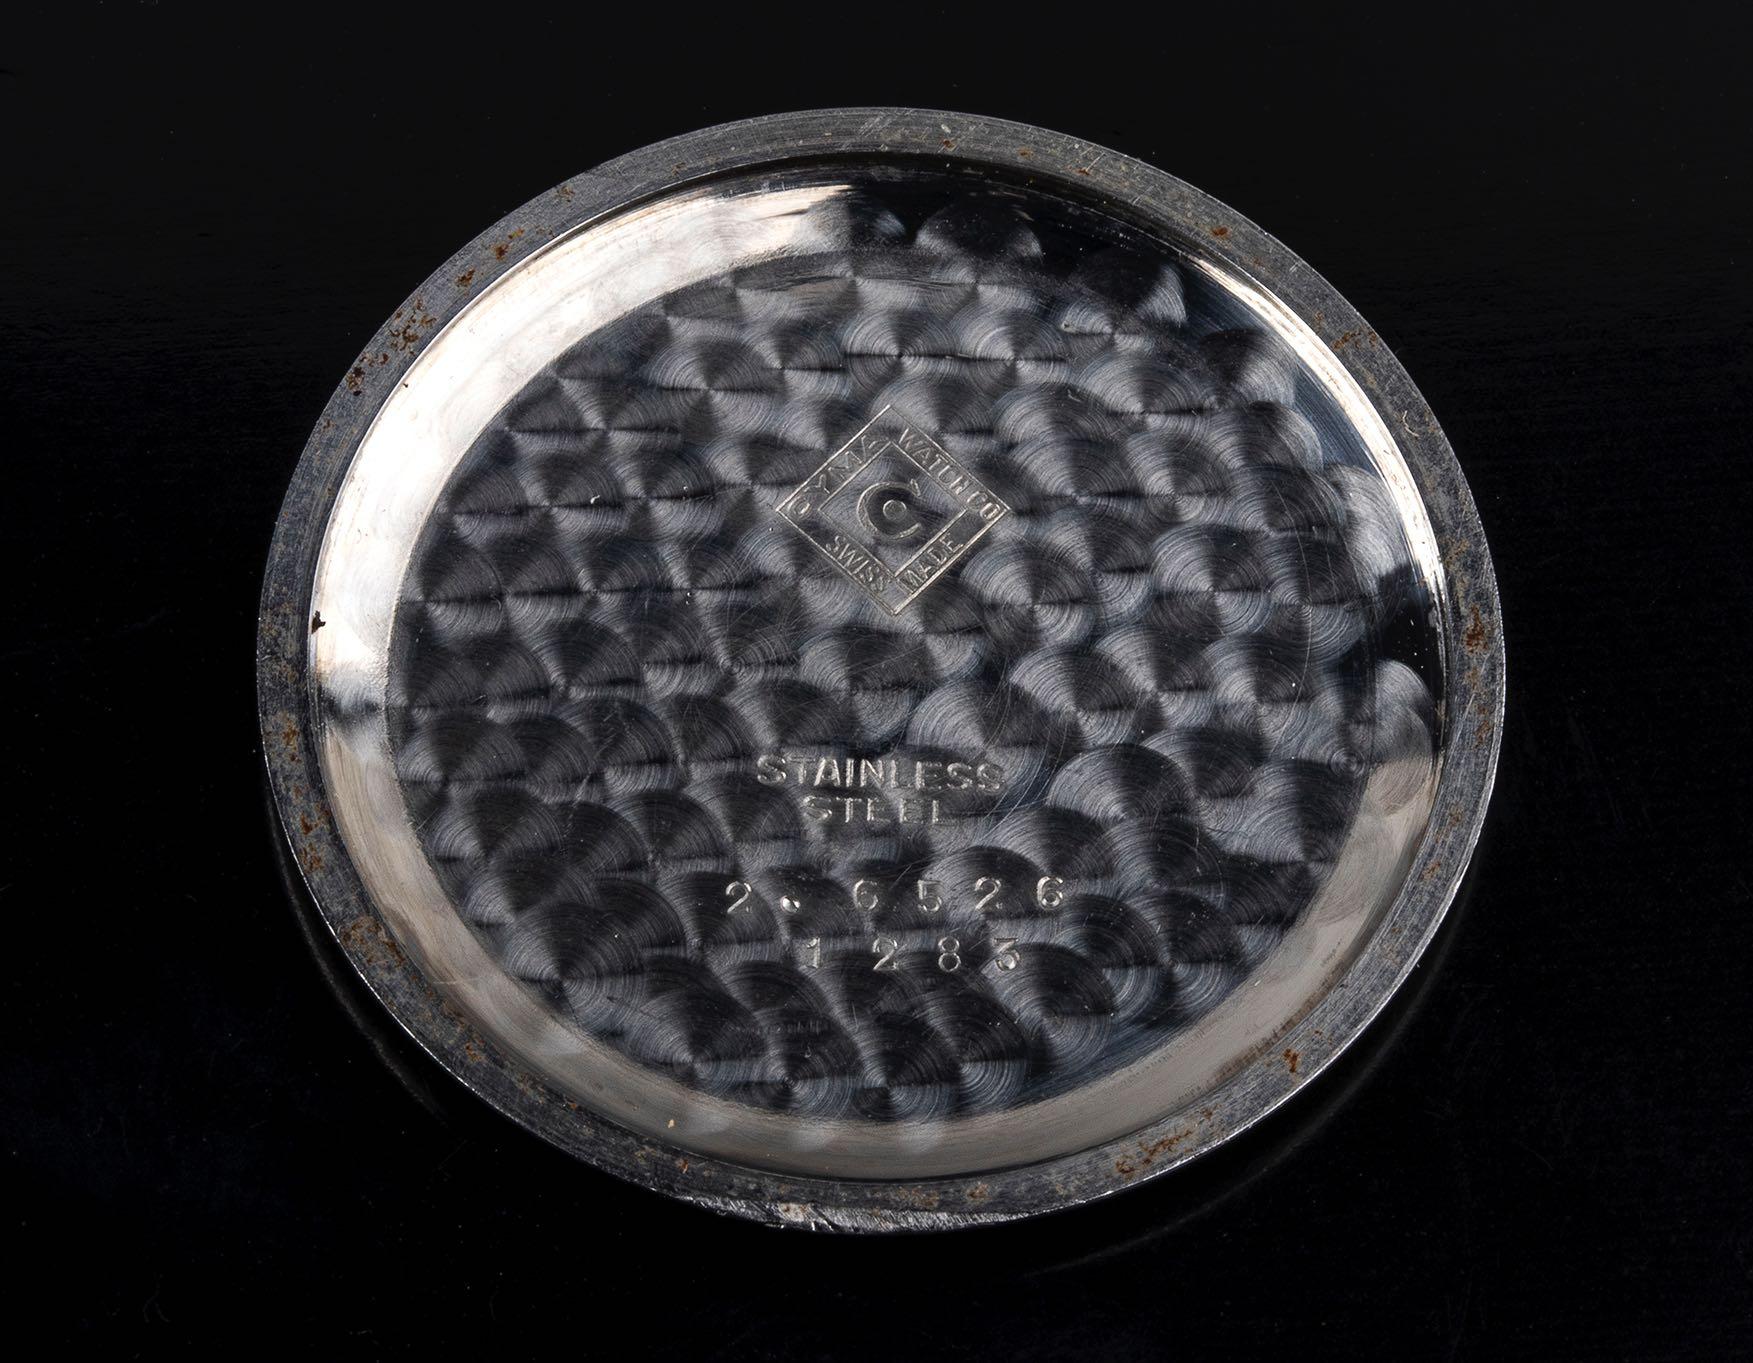 Cyma Time-O-Vox, CYMAFLEX, Ref. 1283, 50', N.O.S. - Image 4 of 4